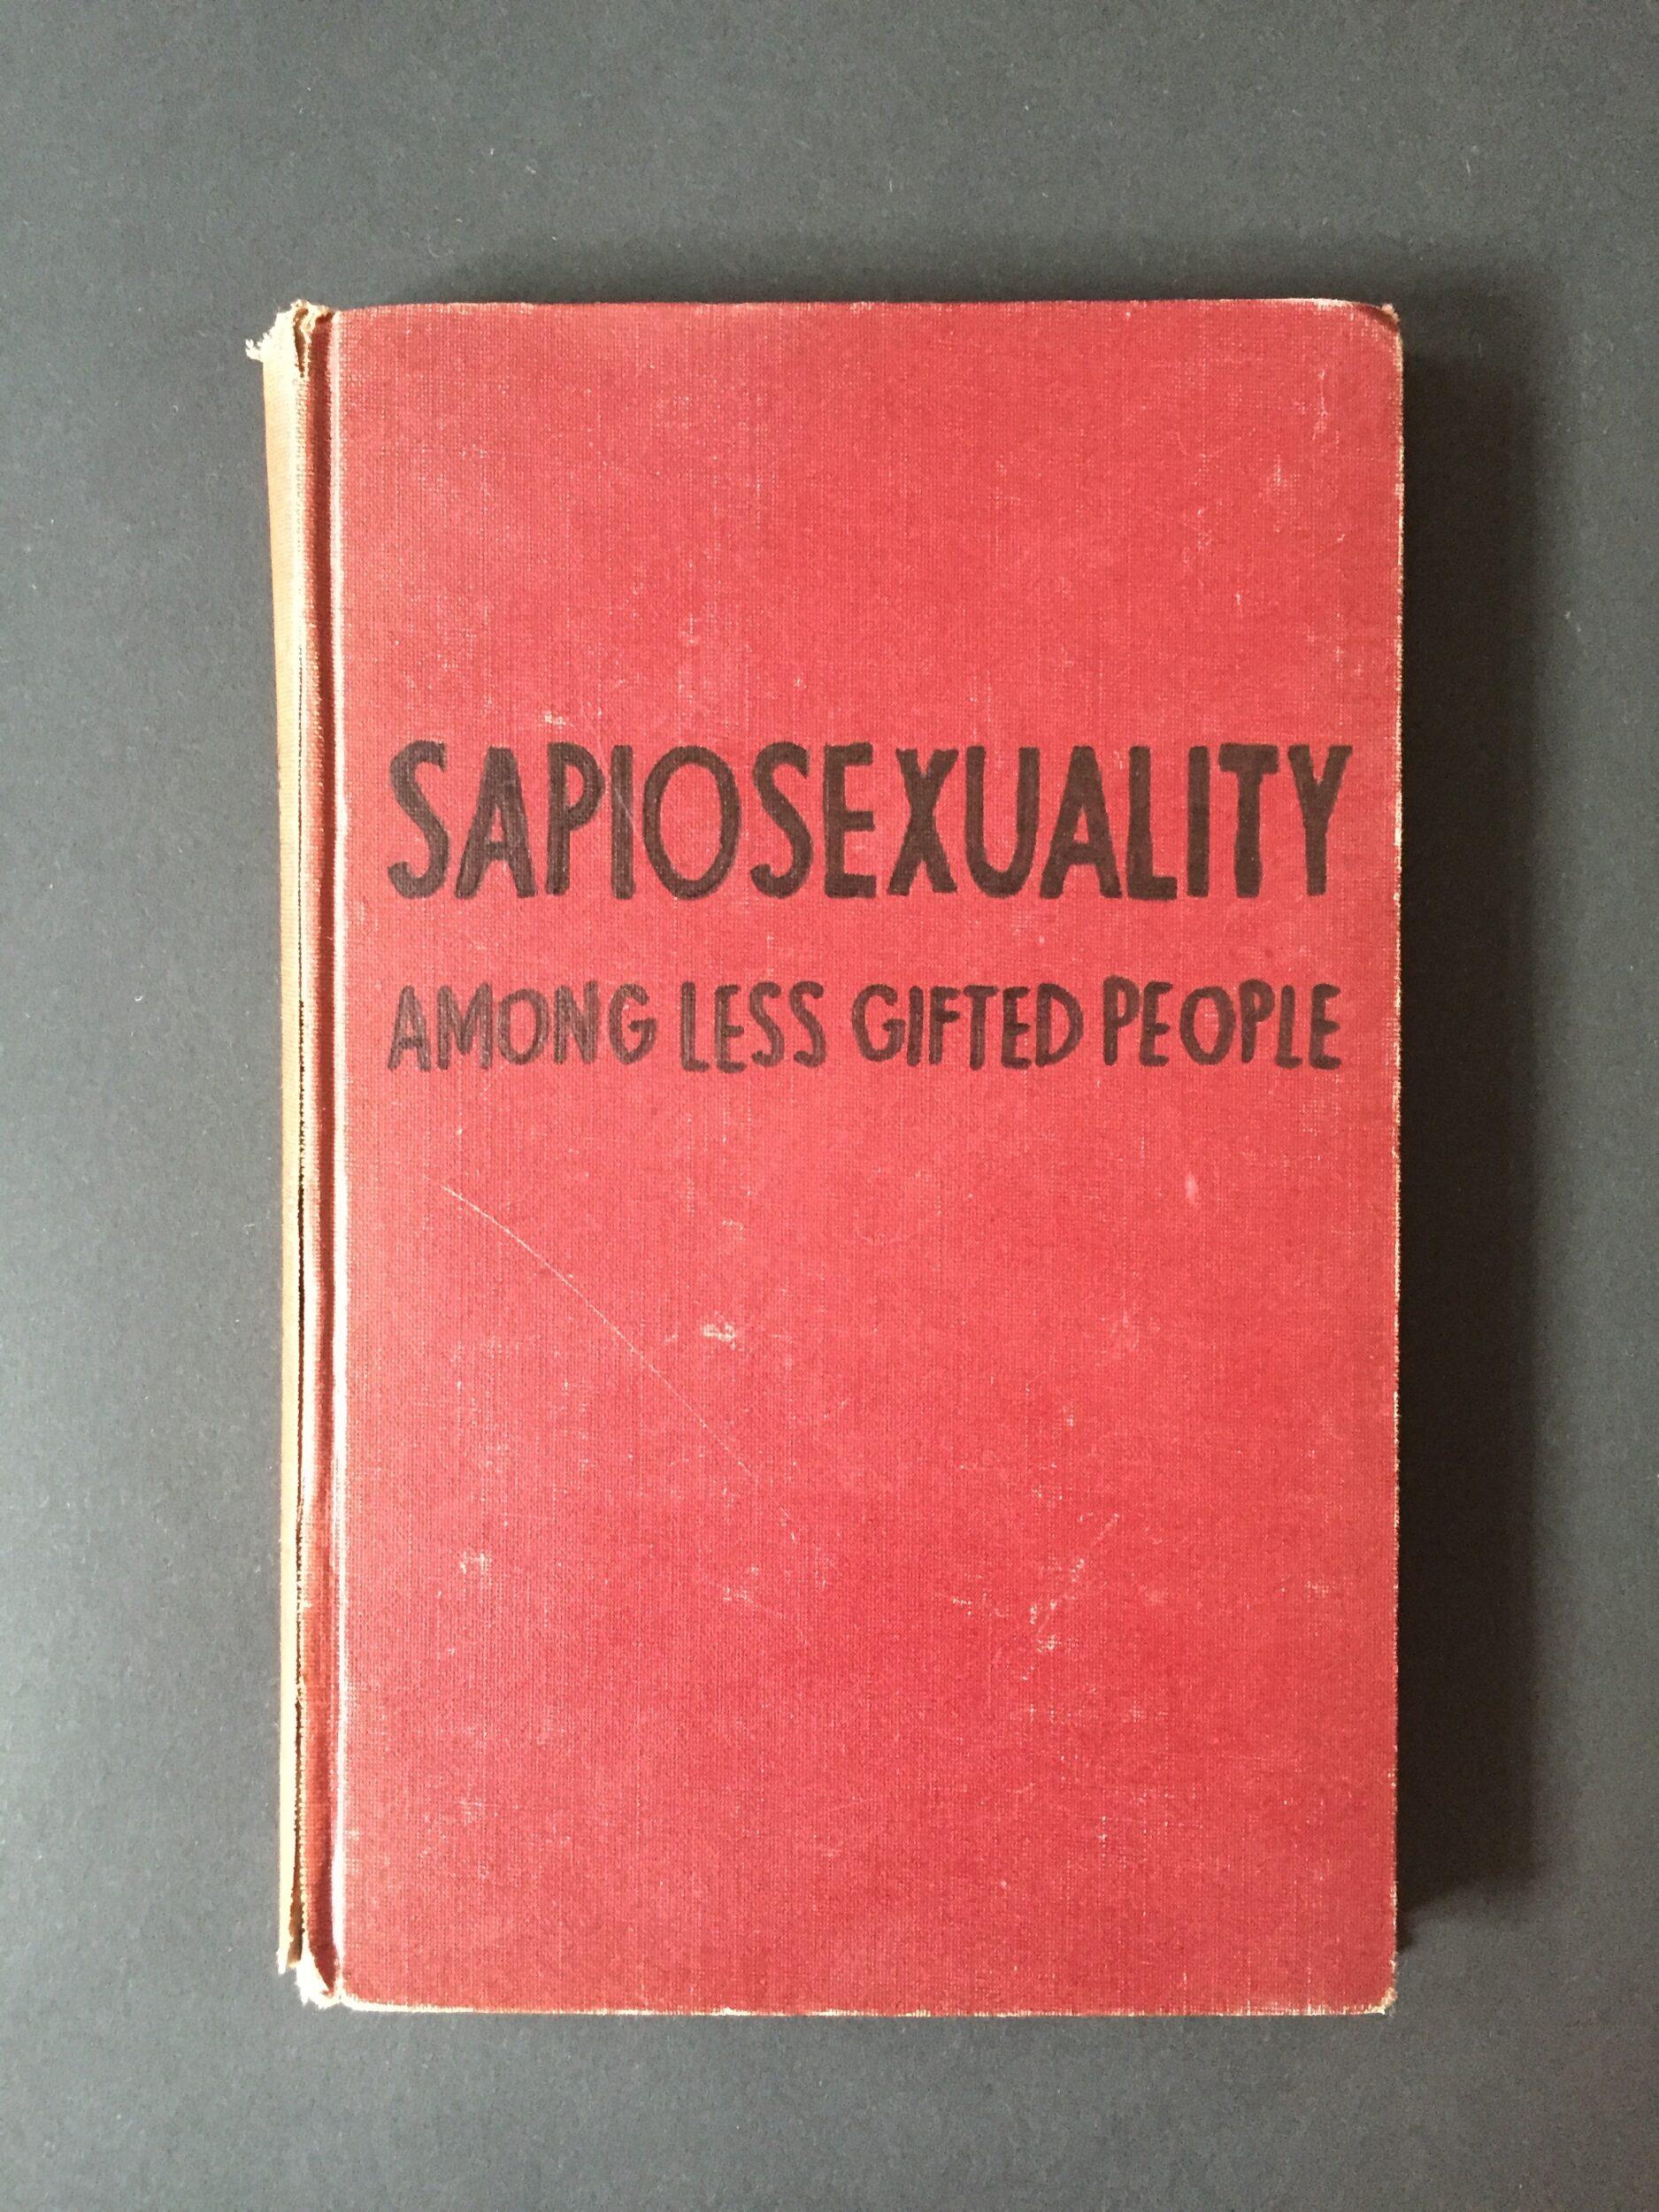 Sapiosexuality